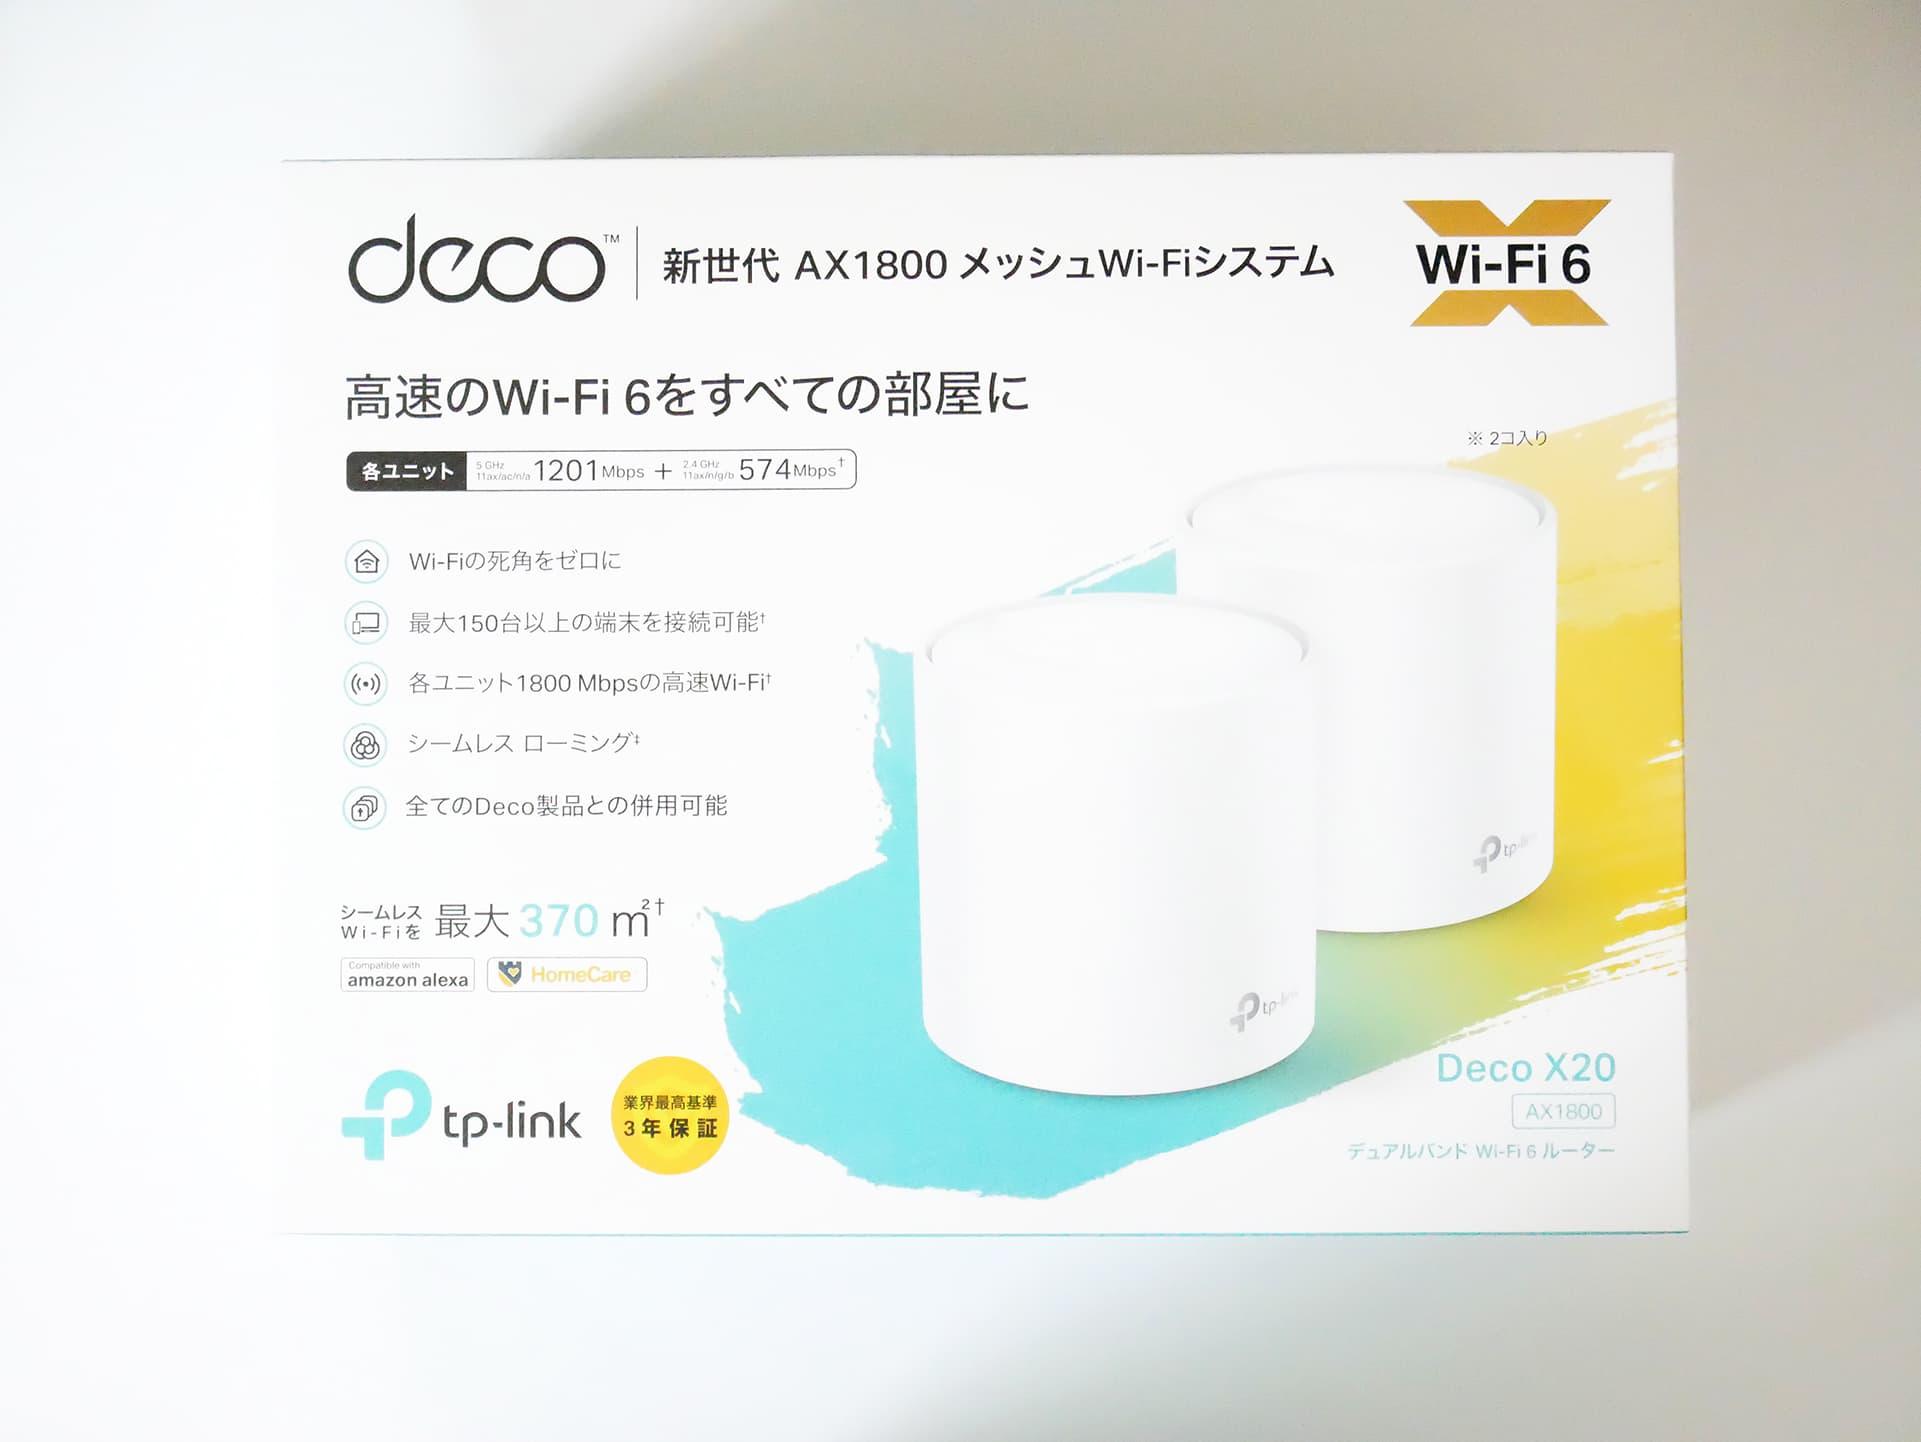 Deco X20 パッケージ